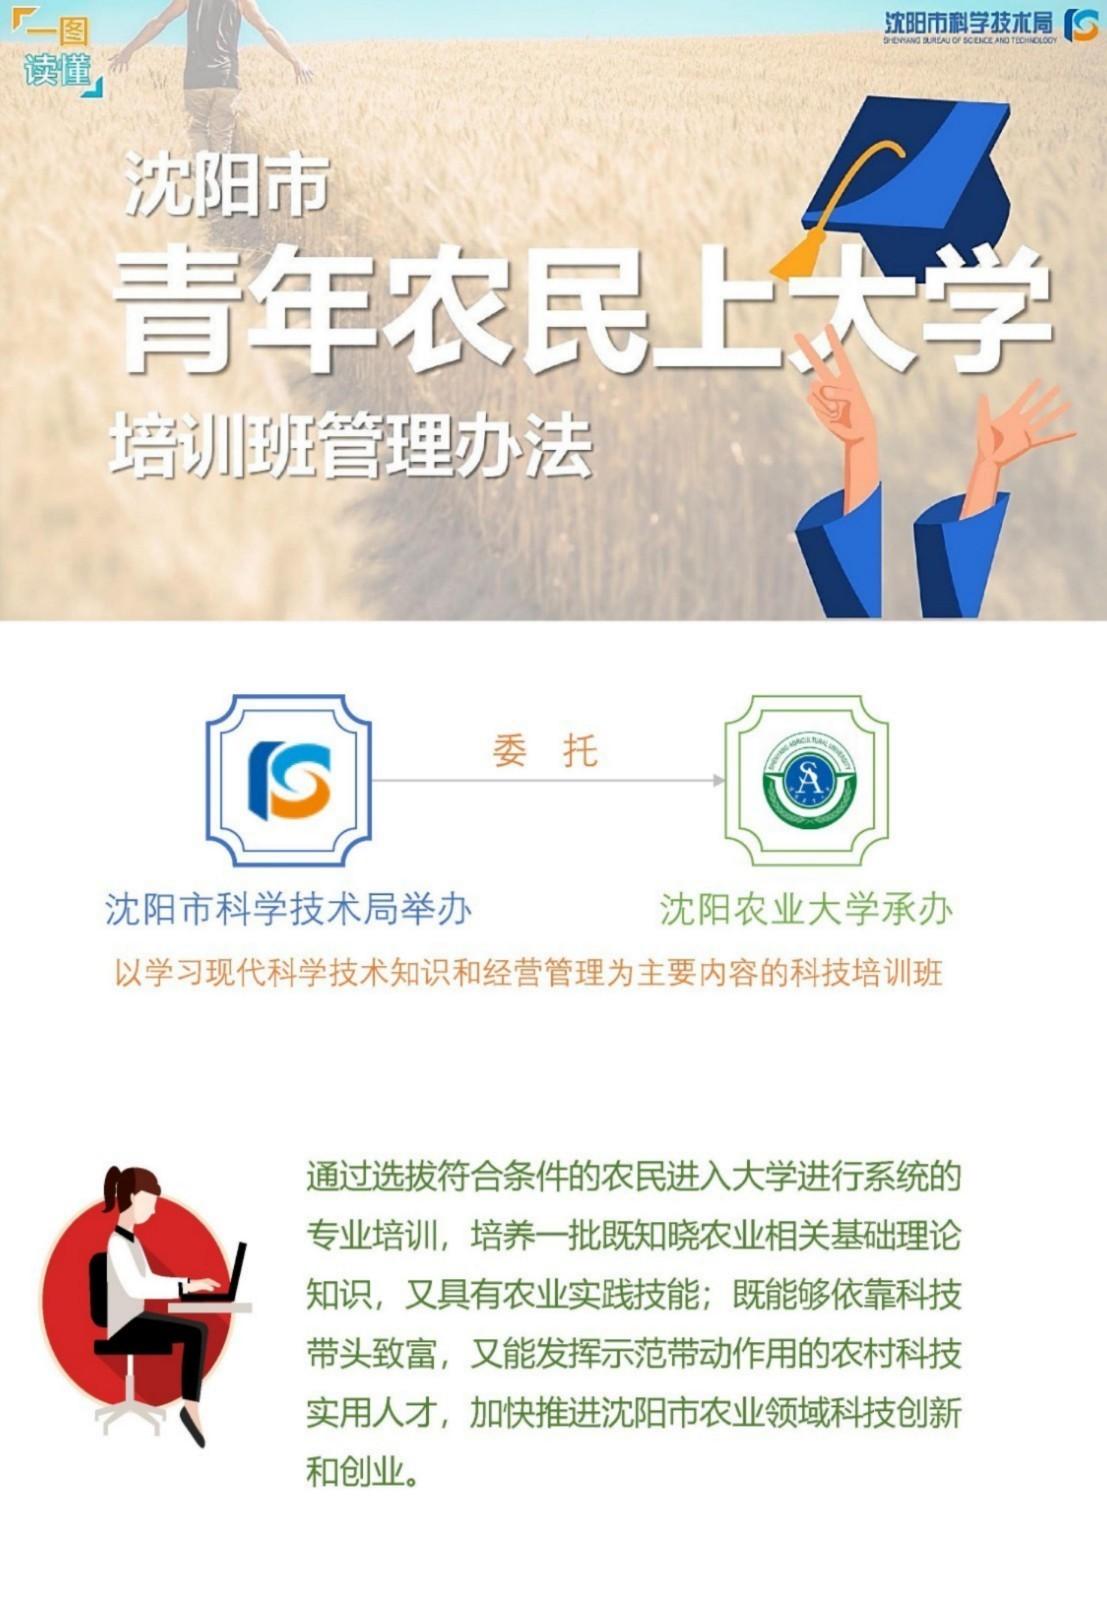 市科技局关于印发《沈阳市青年农民上大学培训班管理办法》的通知(沈科发〔2020〕20号)